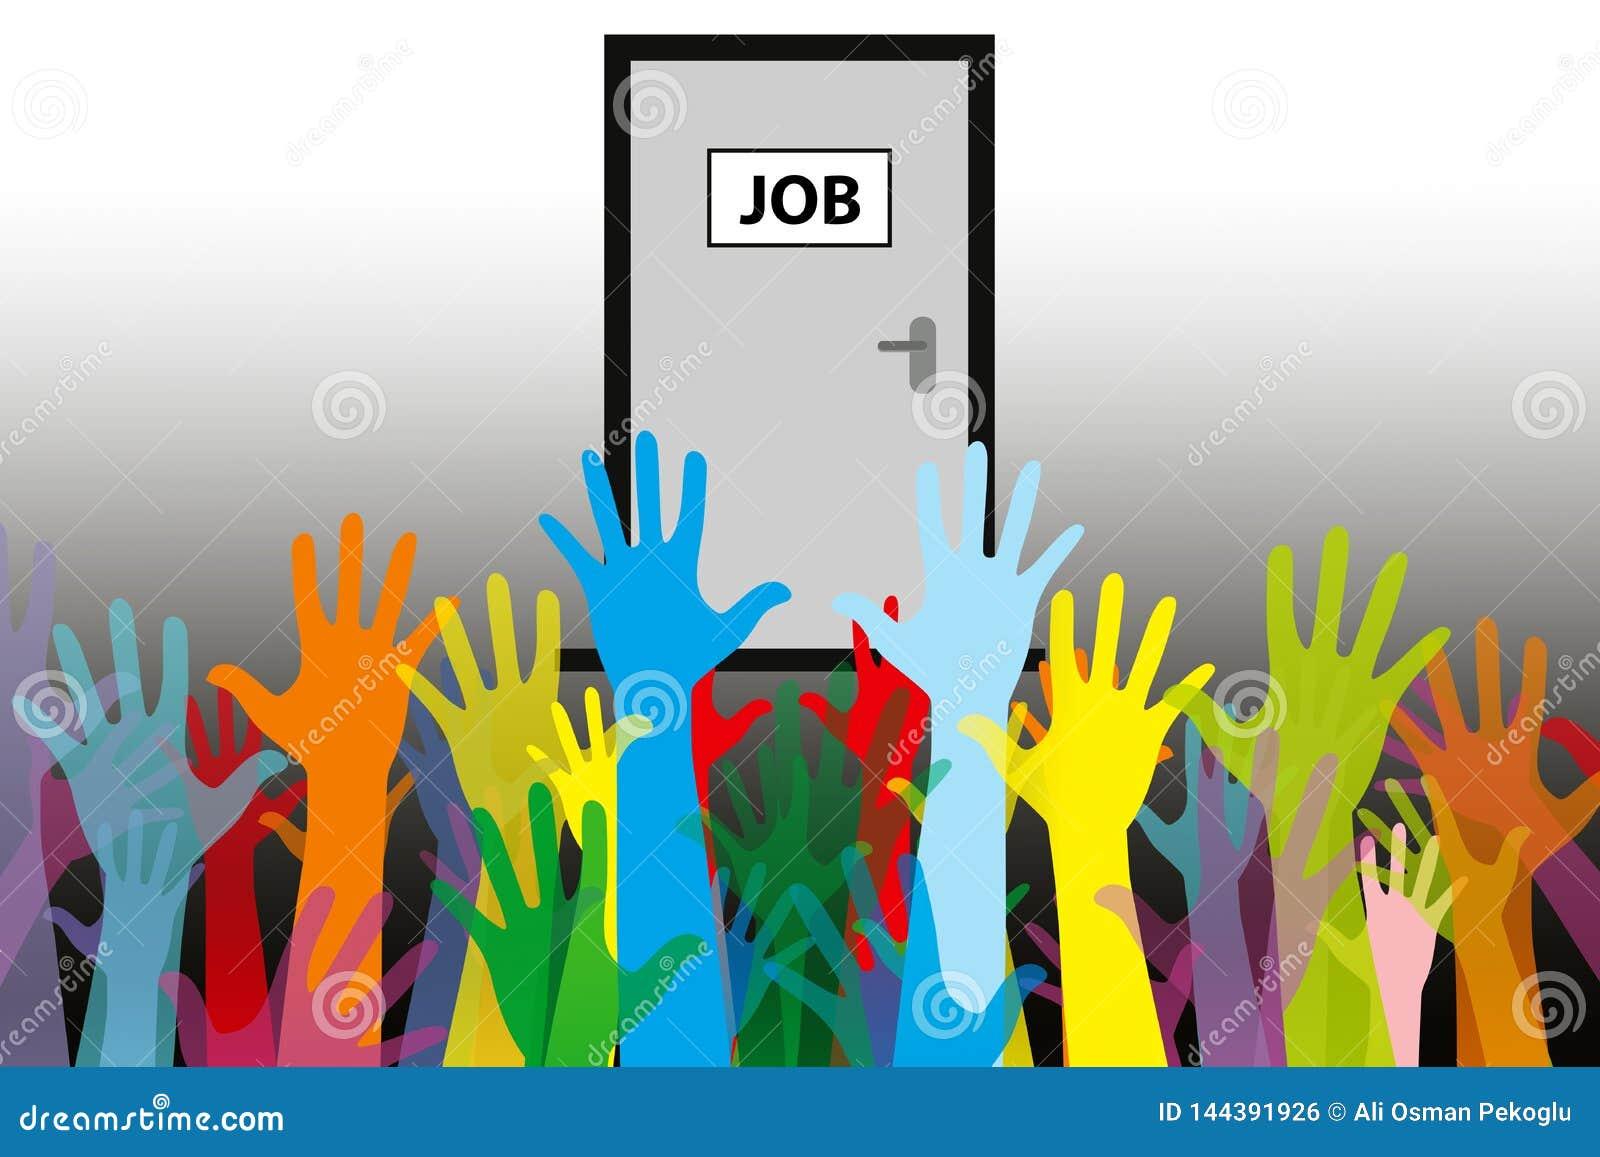 Έννοια ένα ανεργίας εργασία προσώπων, πολλοί υποψήφιοι